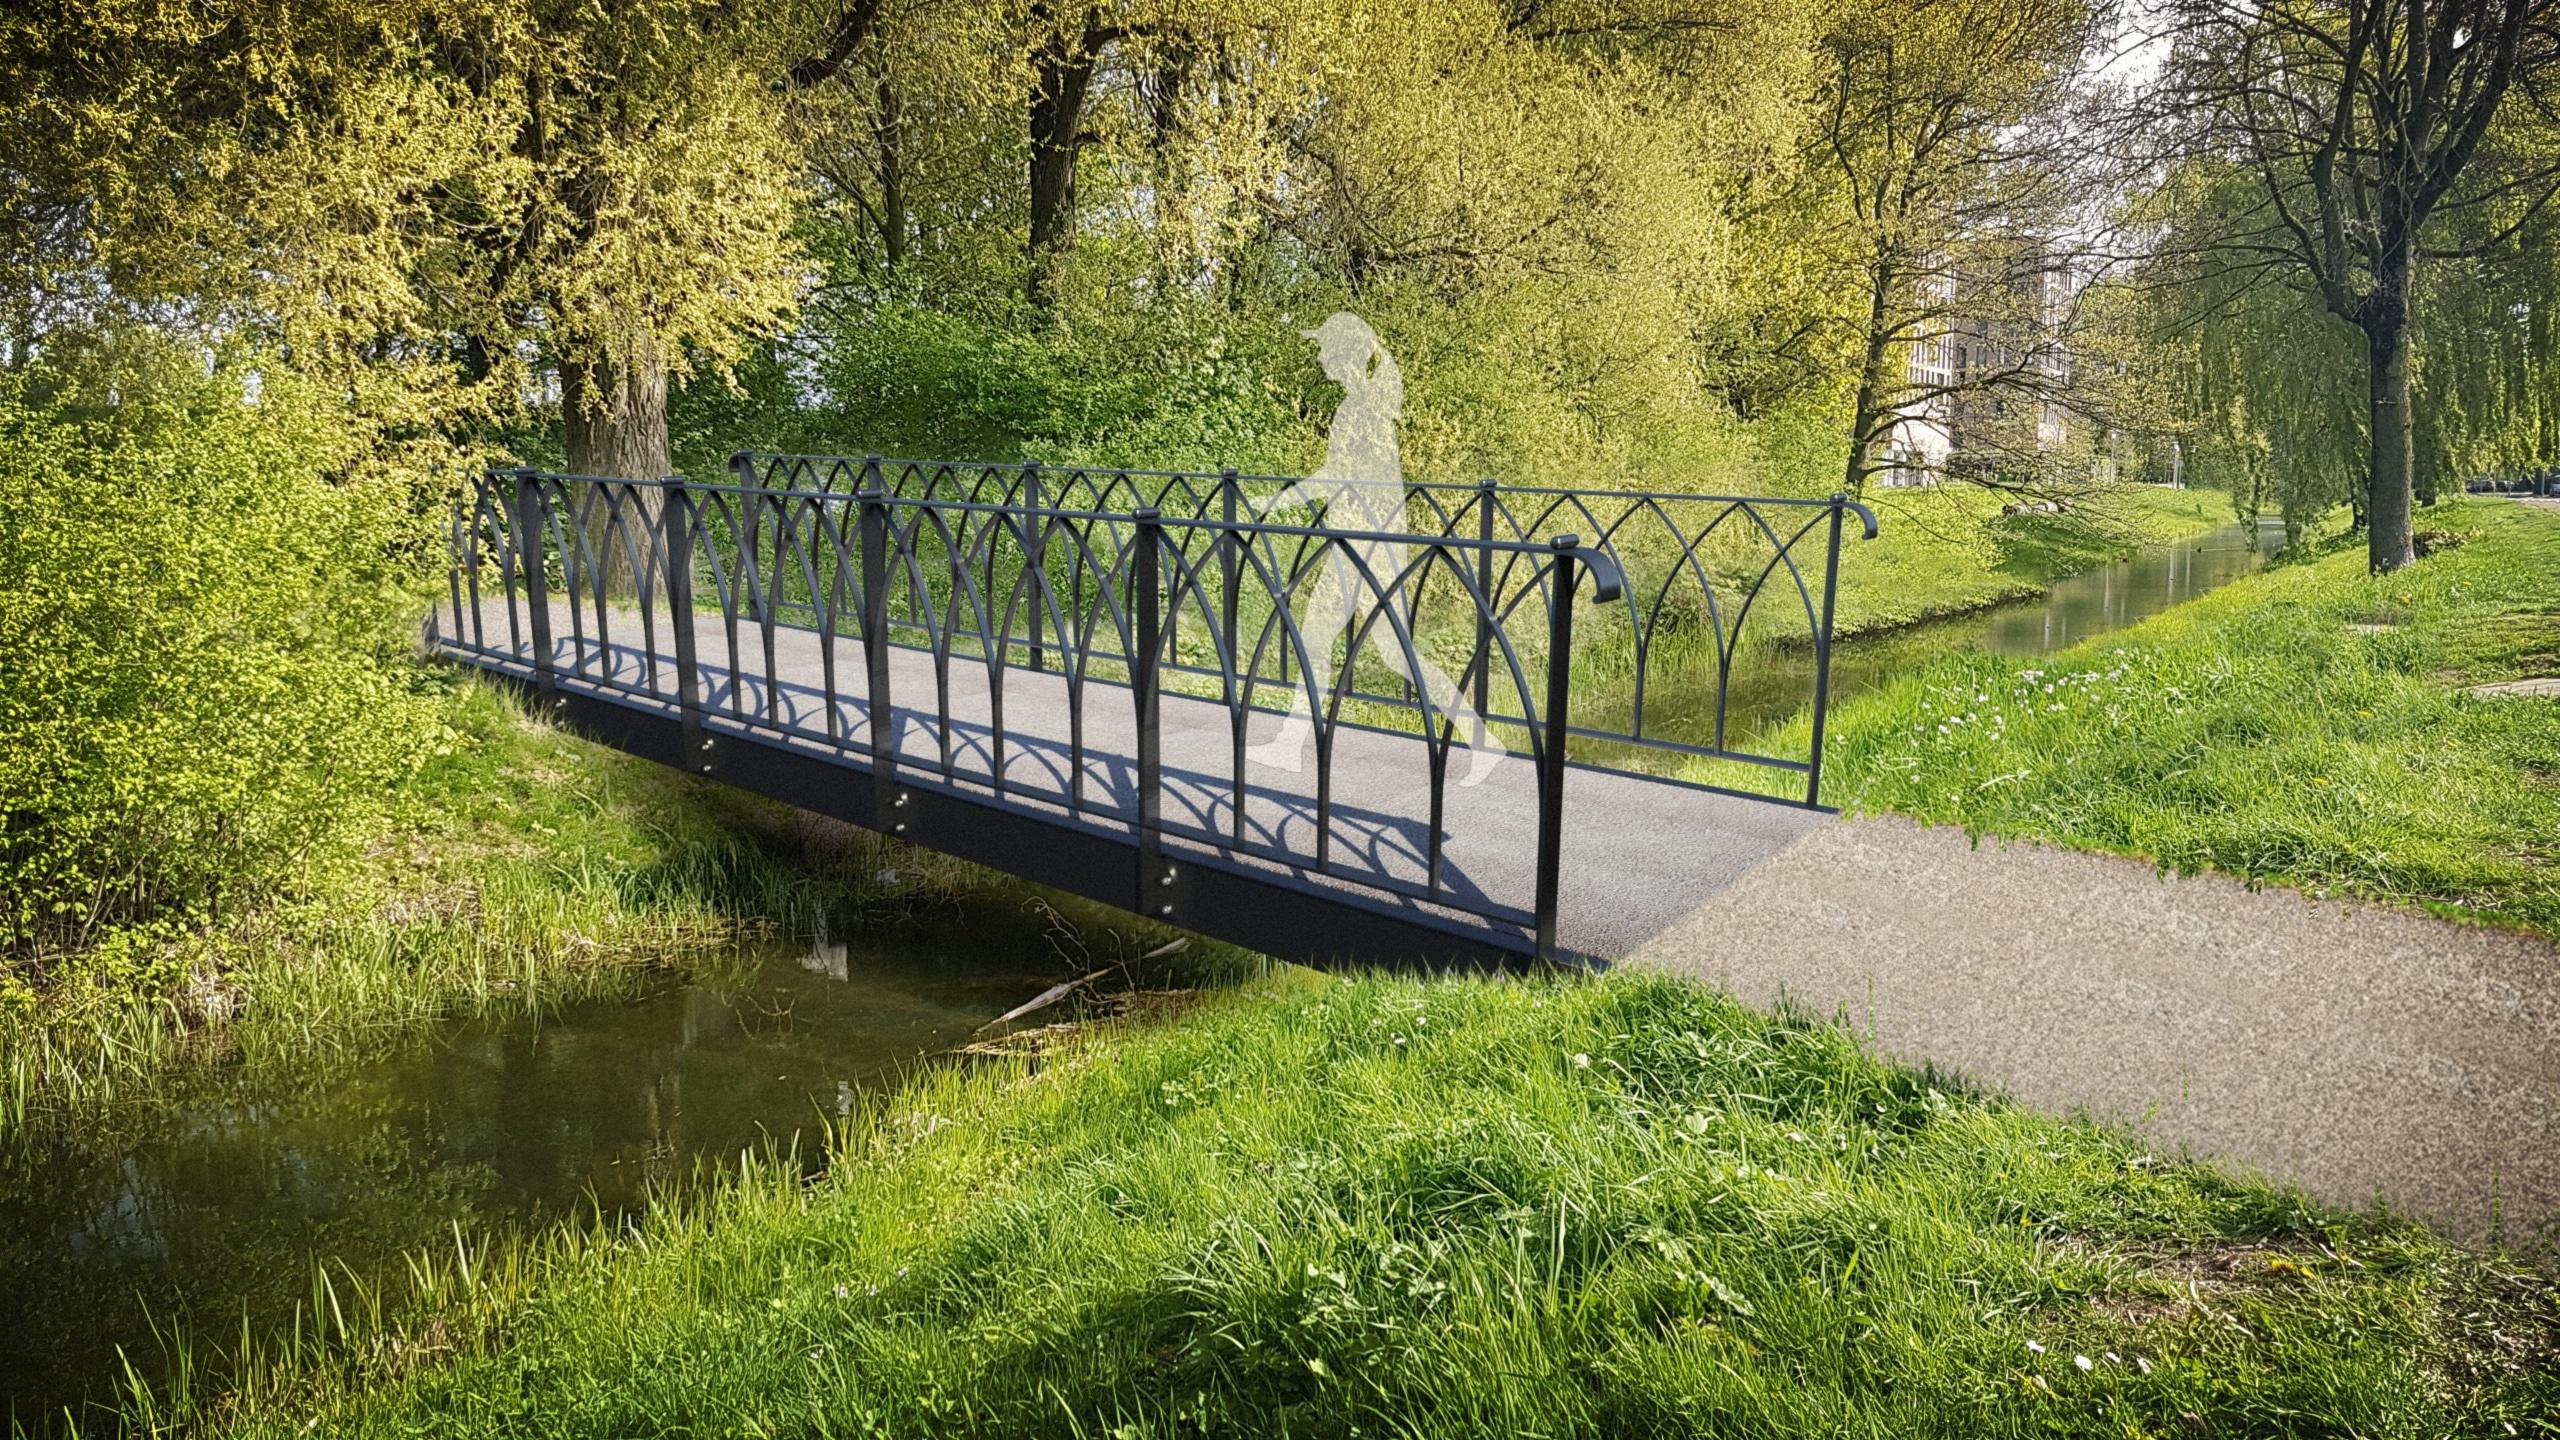 Nieuw ontwerp voor bruggen Voorschoten door de creatieve studio van Haasnoot Bruggen.